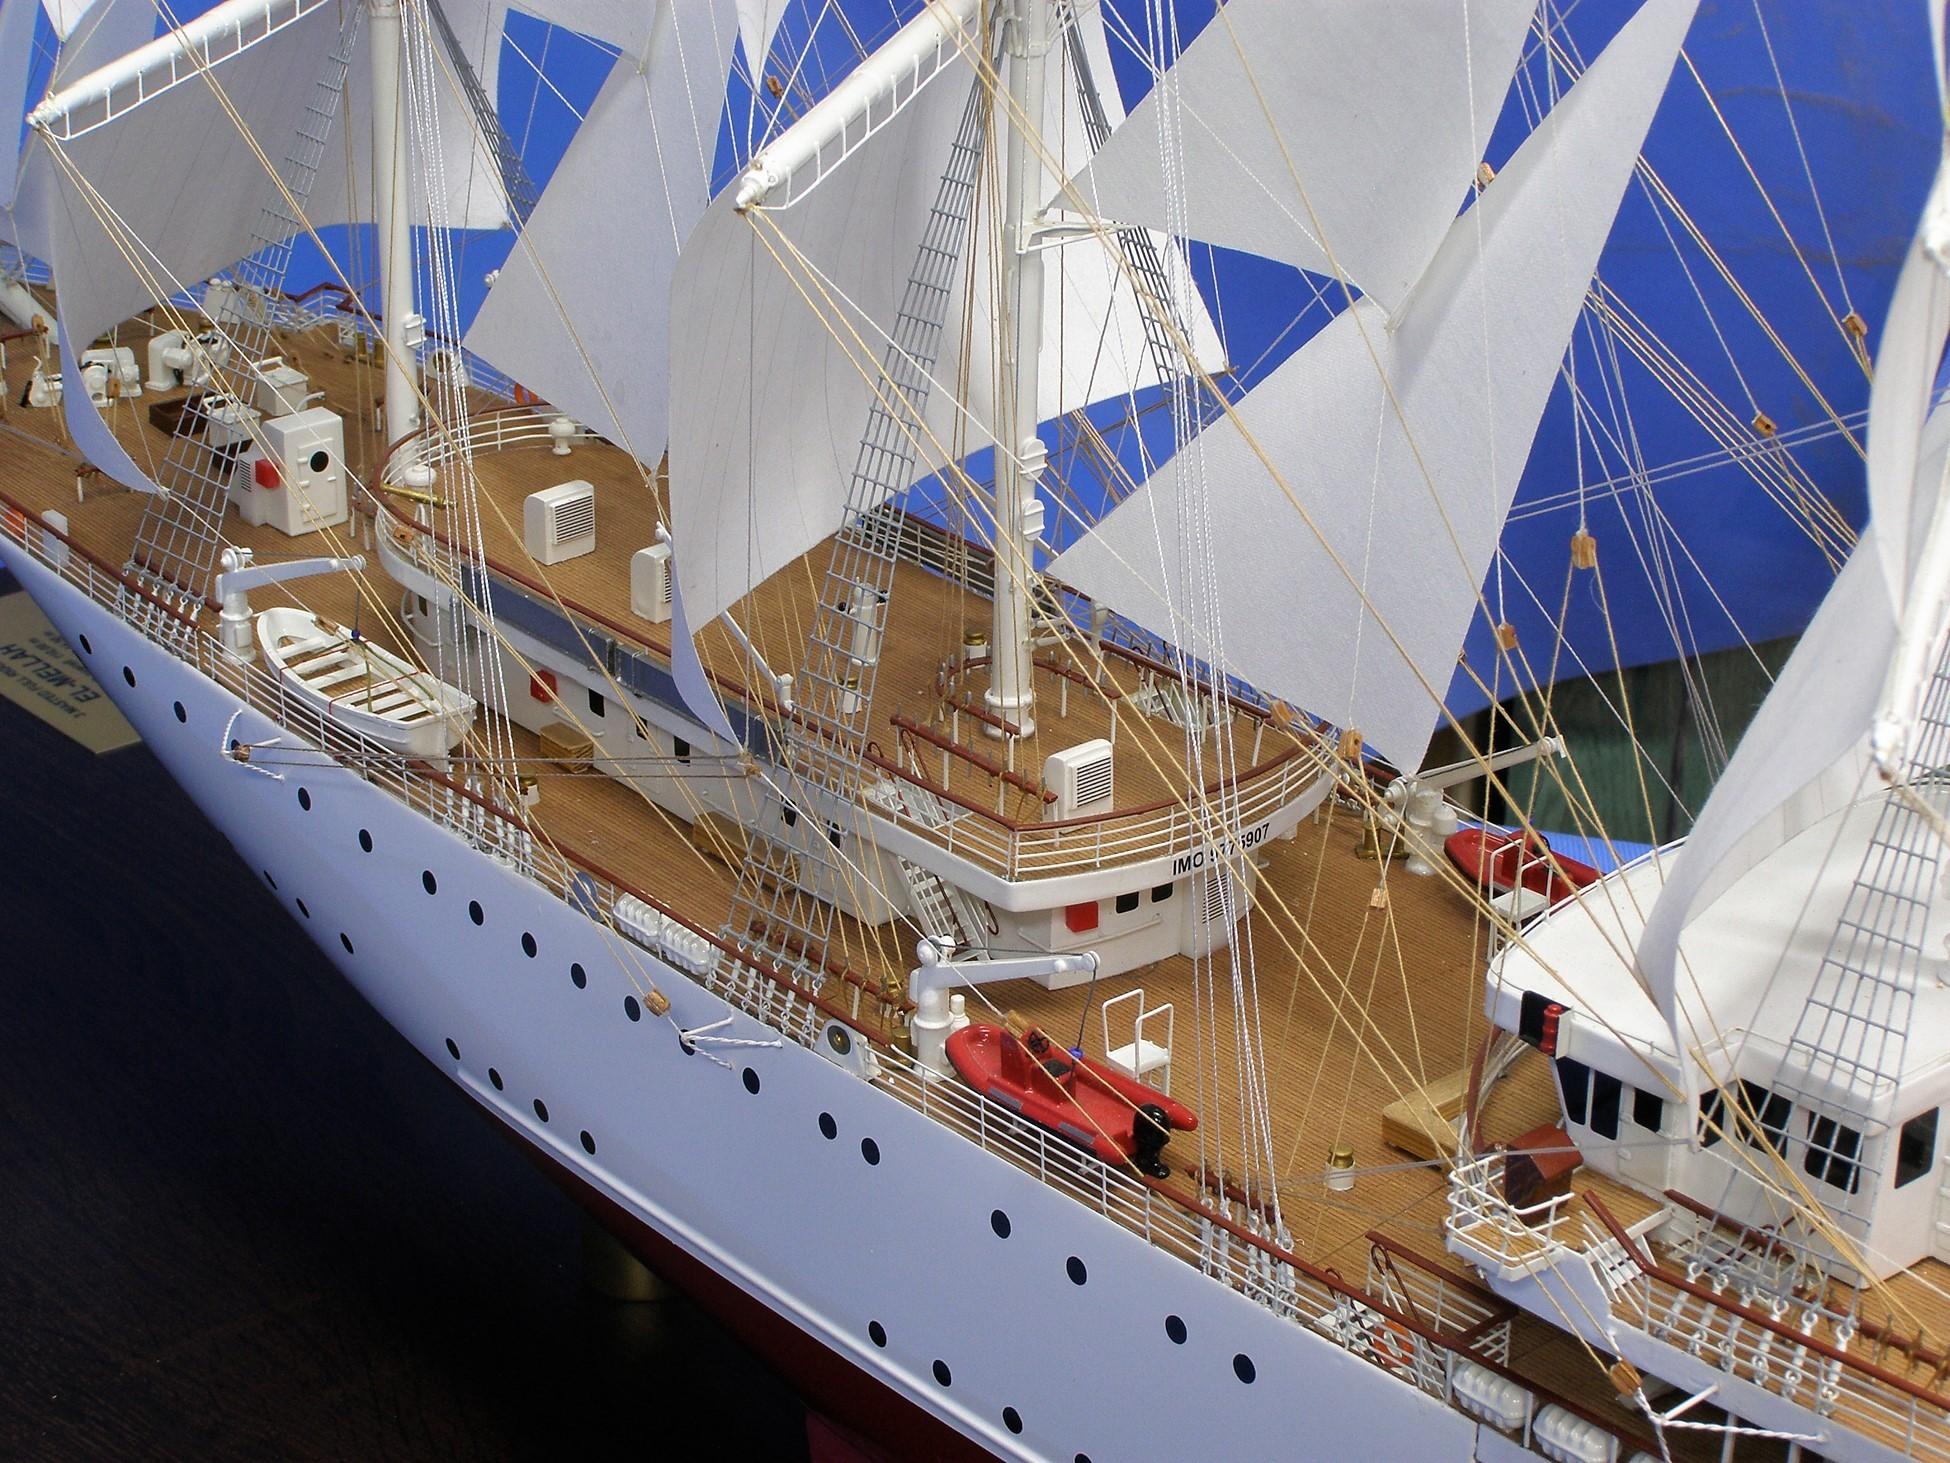 صور السفينة الشراعية الجزائرية  [ الملاح 938 ] - صفحة 11 42307947674_ca46e1af3c_o